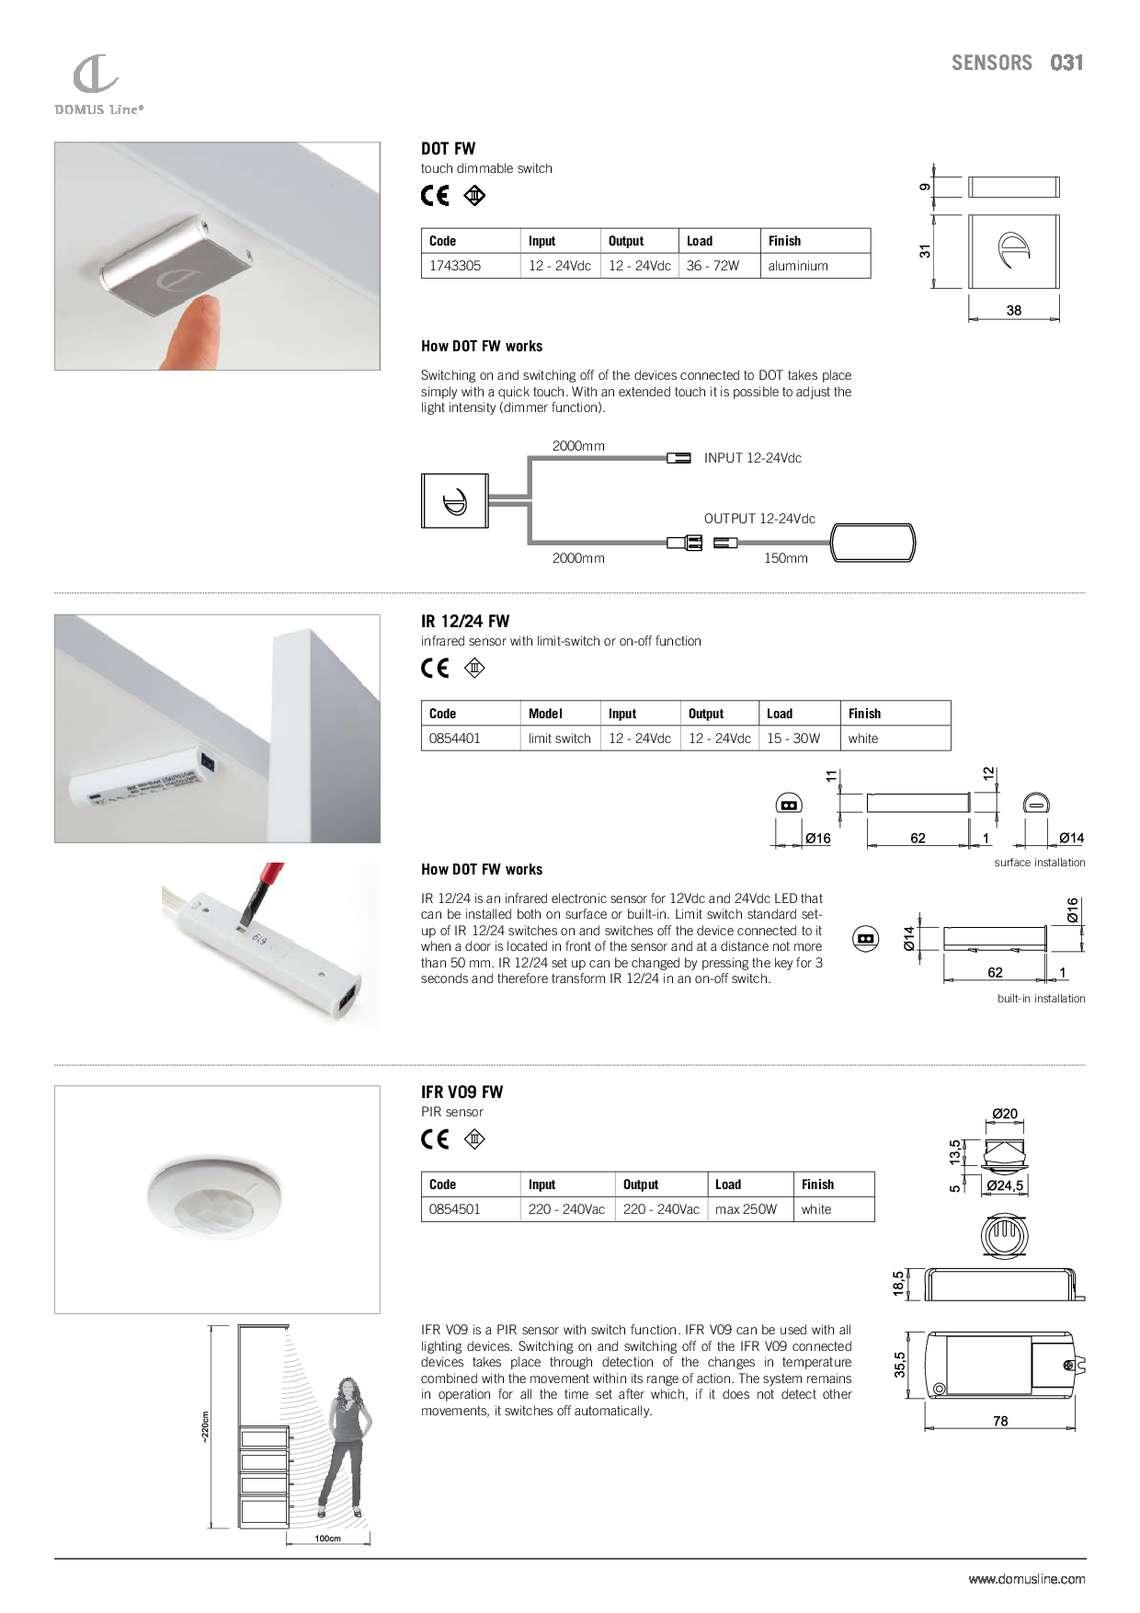 domus-line-top-seller_27_032.jpg